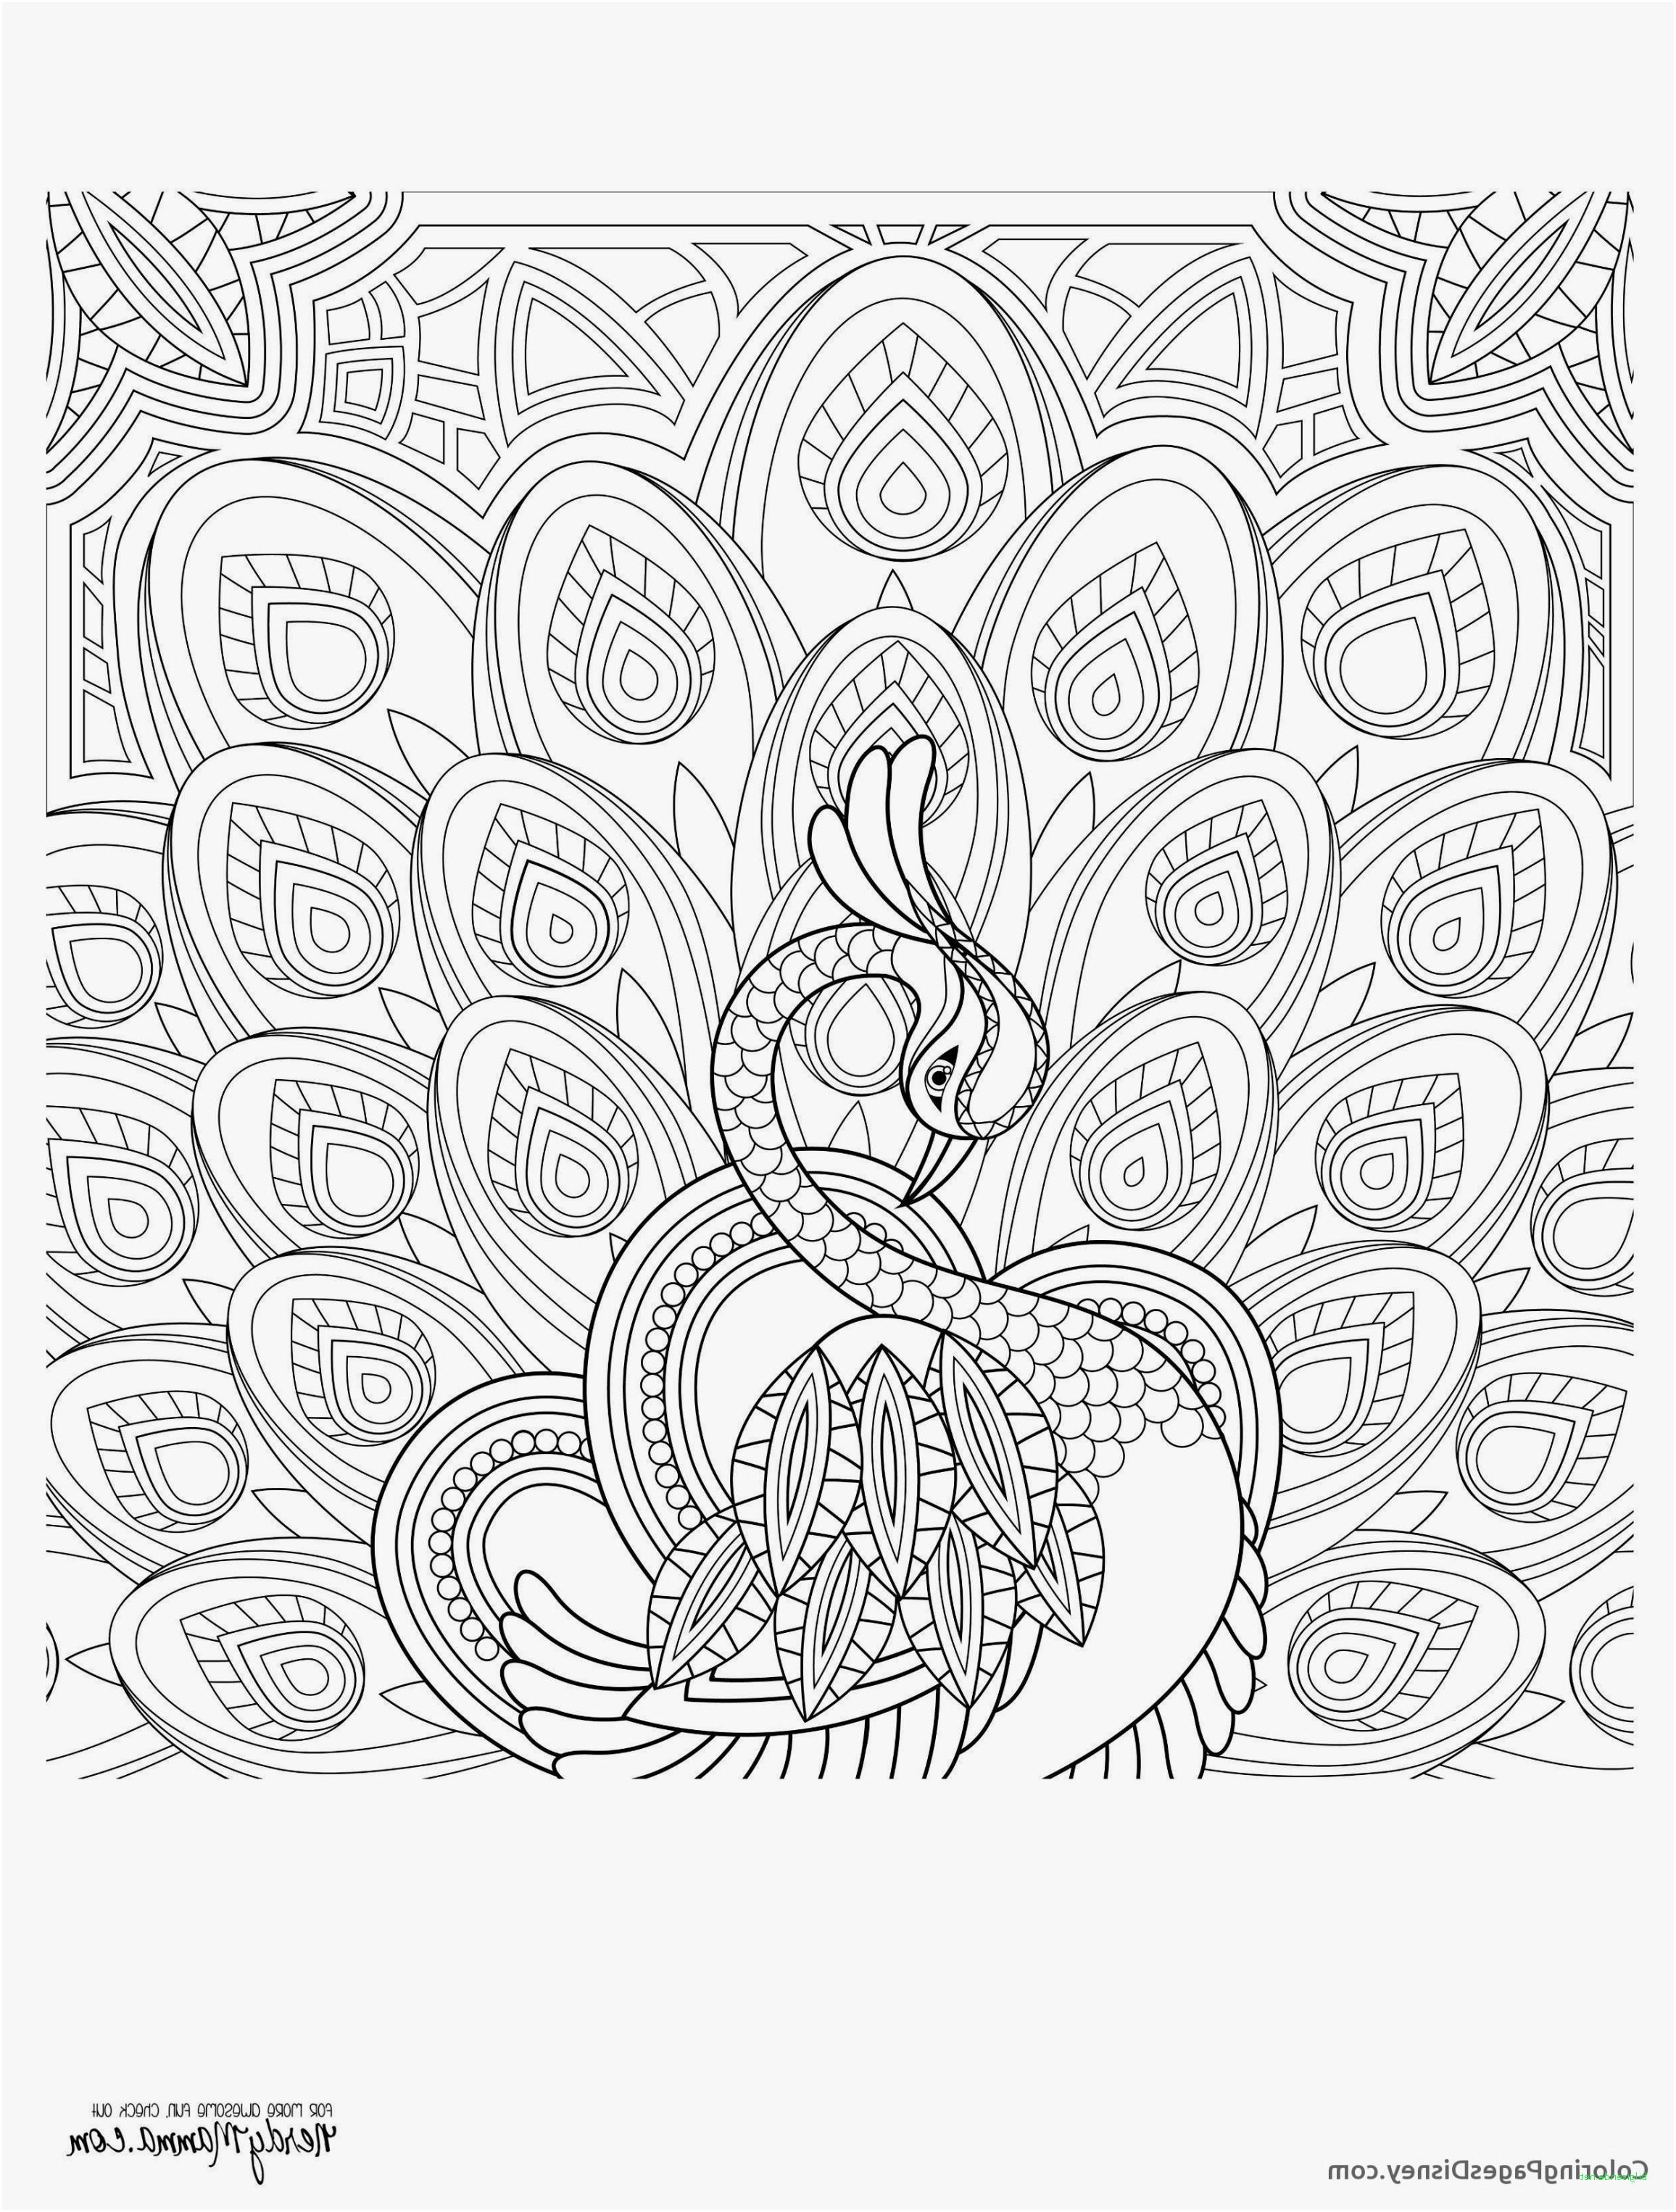 Ausmalbilder Disney Prinzessinnen Frisch 34 Lecker Ausmalbild Disney – Große Coloring Page Sammlung Das Bild